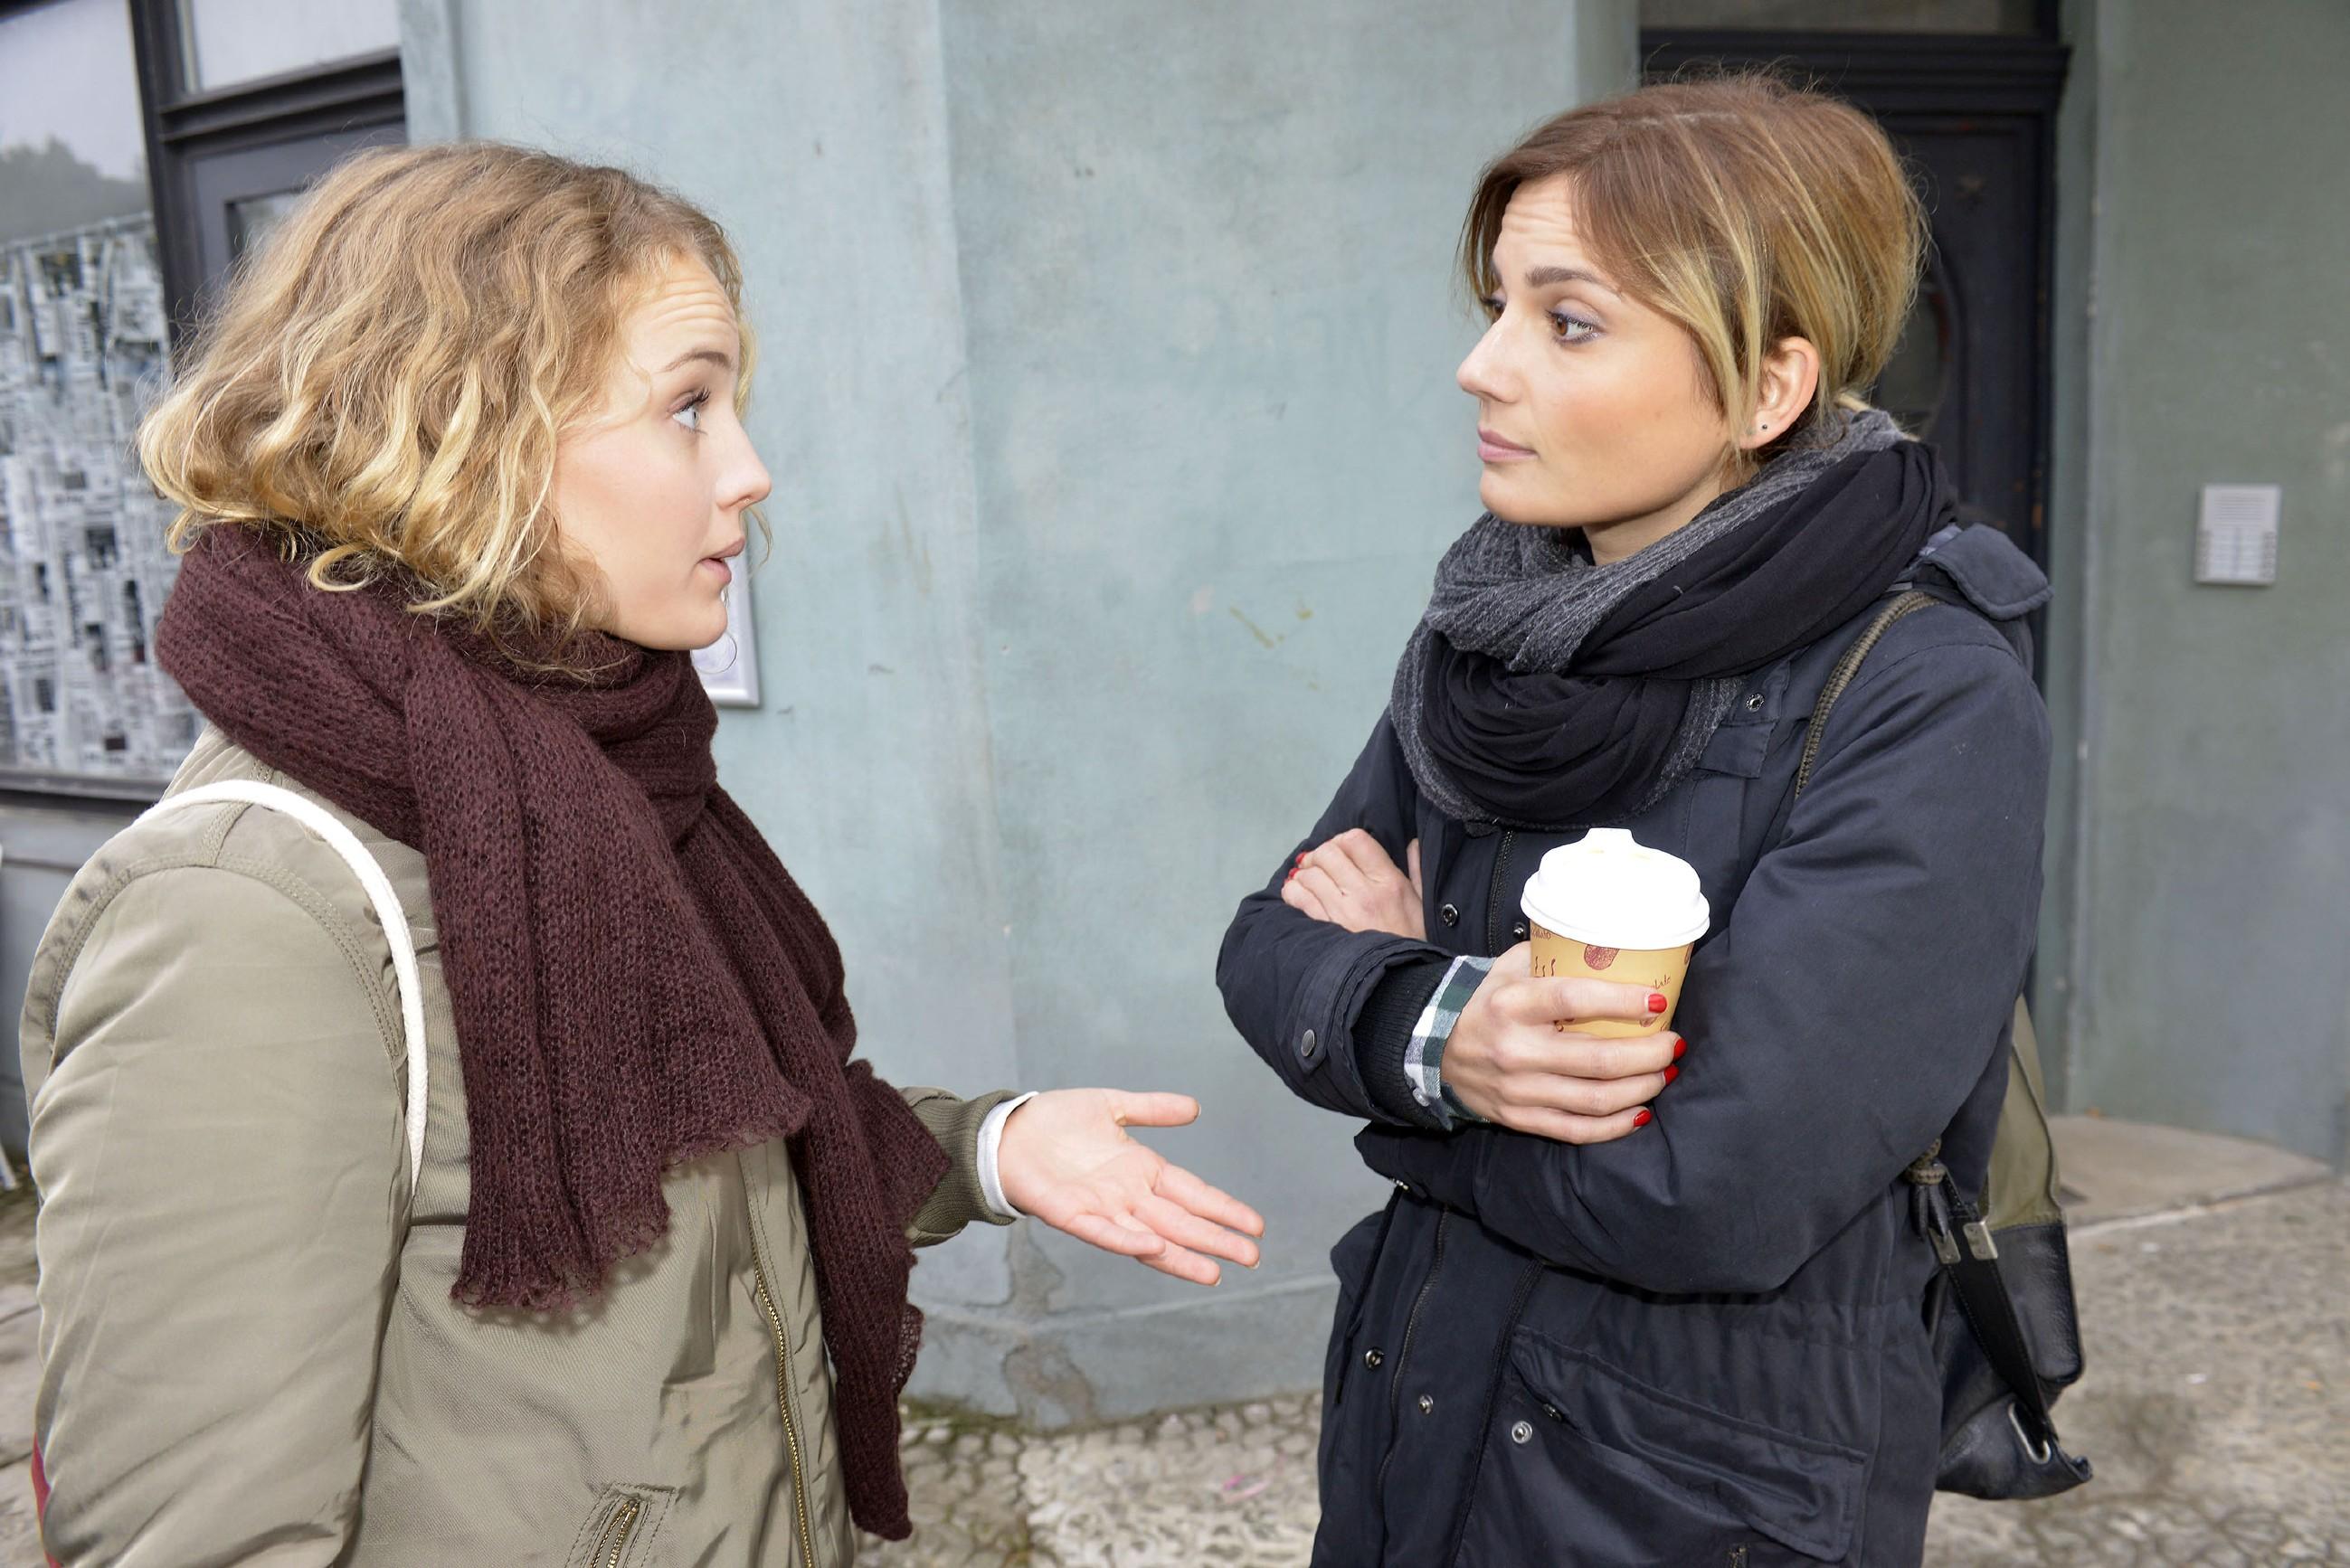 Anni (Linda Marlen Runge, r.) hat ein Einsehen und lässt sich auf einen Probemonat mit Jule (Luise von Finckh) ein.